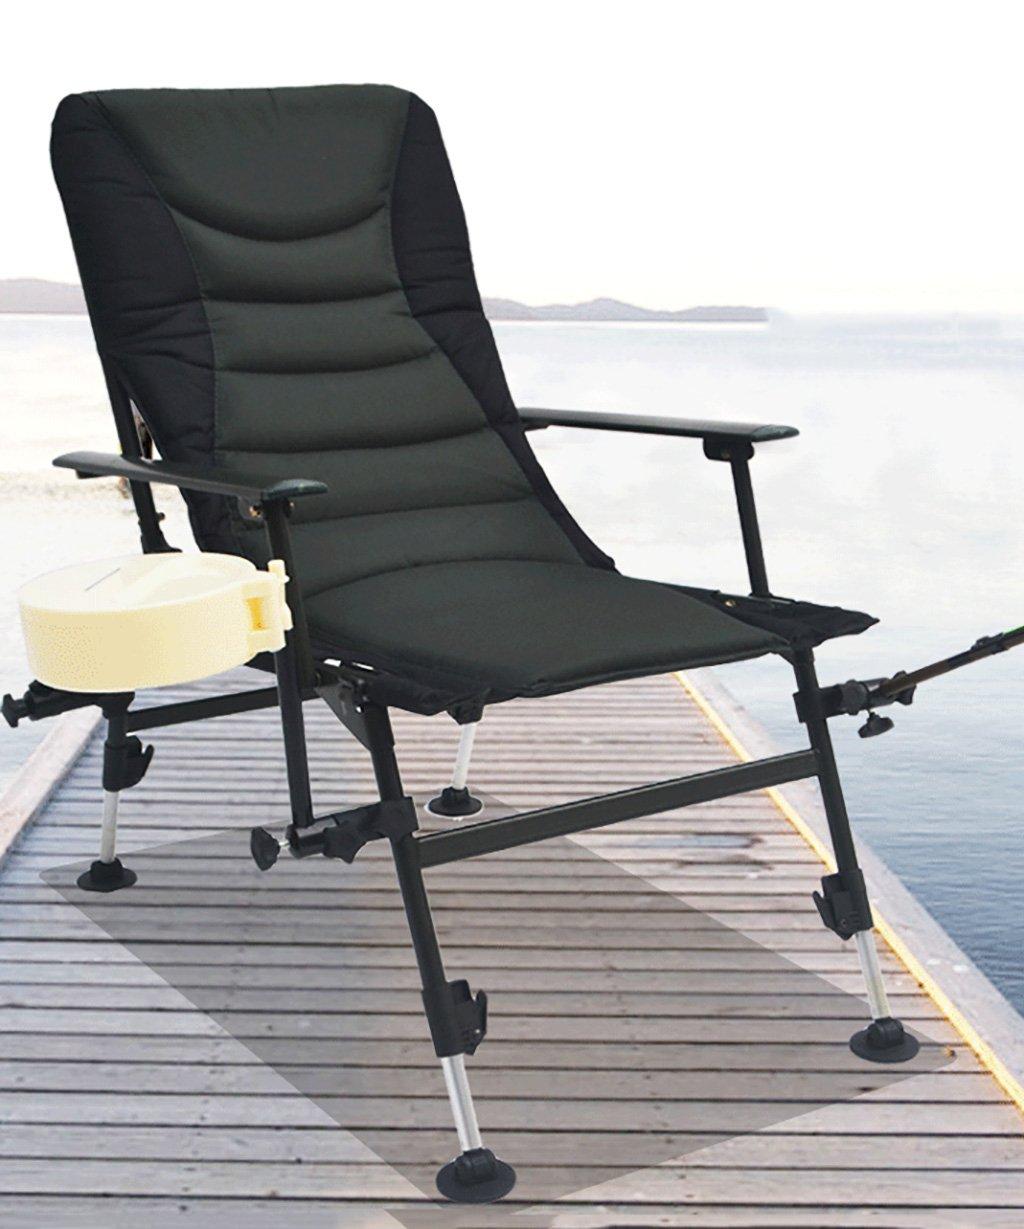 LIANJUN Fischerstuhl Klapp- im Freien Strand-Stuhl Polster- Camping-Stuhl Sun Lounger Faltbare Liegestuhl liegend Gartenstuhl Angeln Campingstuhl